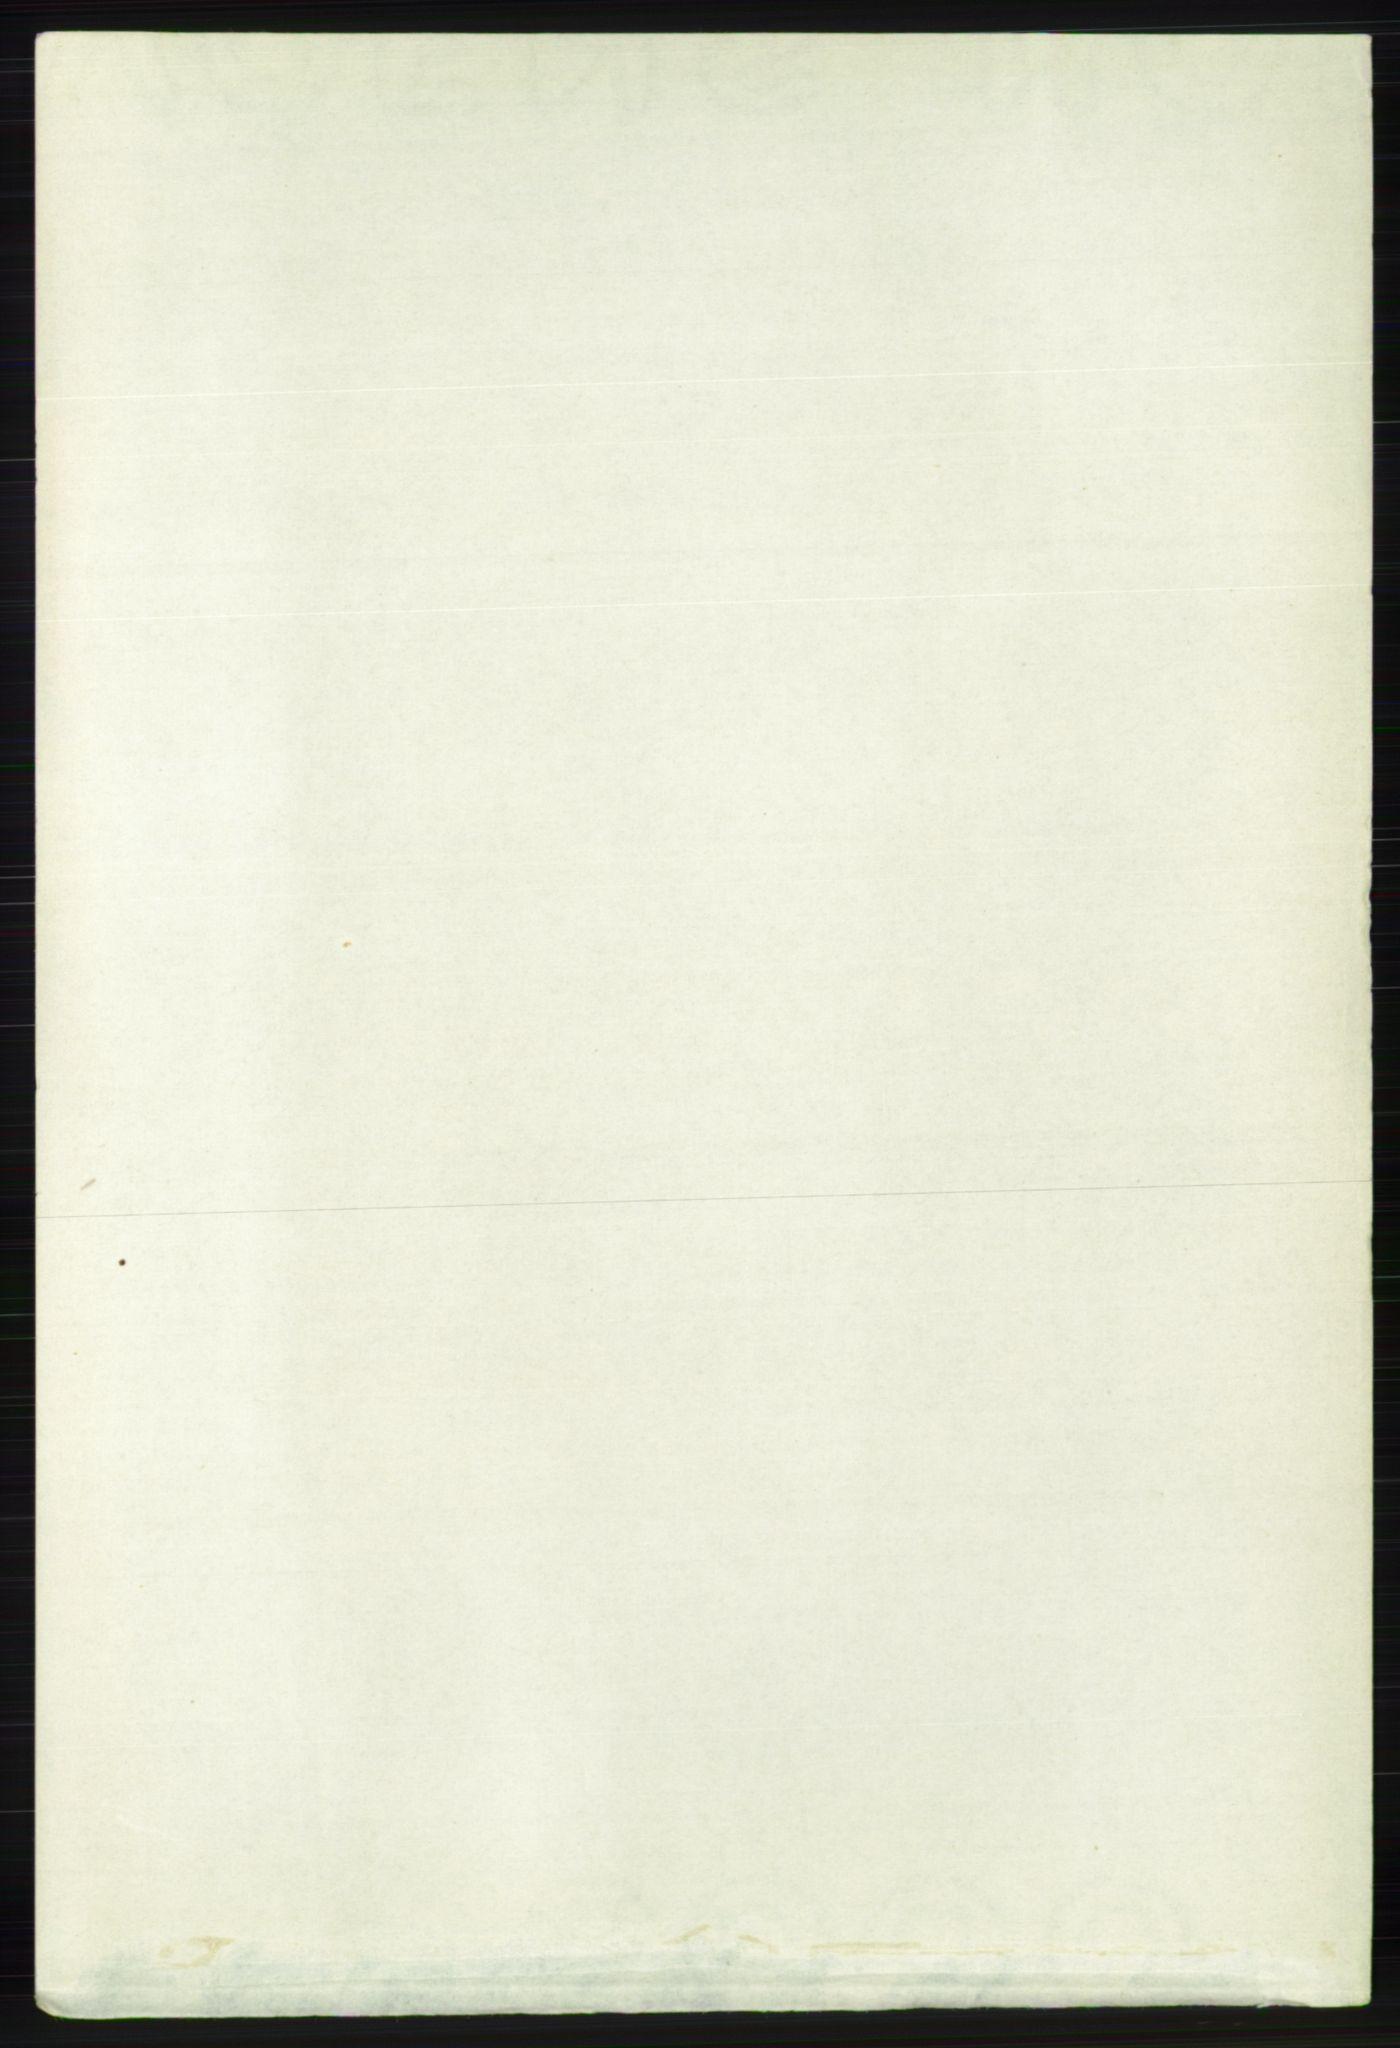 RA, Folketelling 1891 for 1045 Bakke herred, 1891, s. 1147